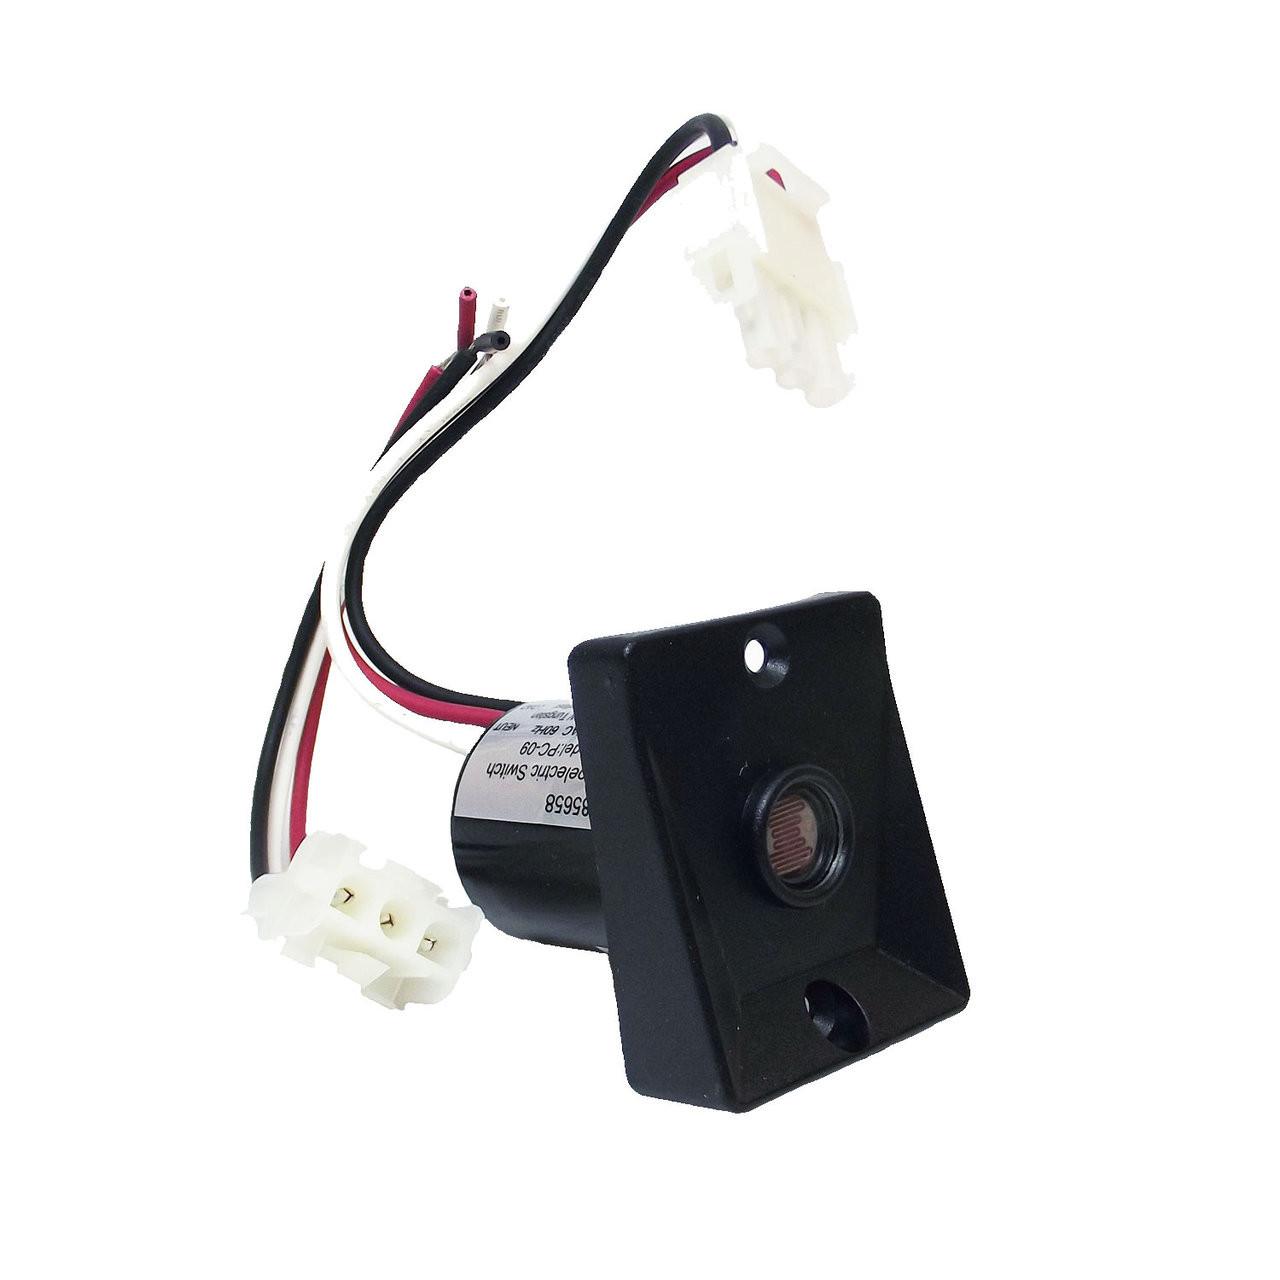 Wave Lighting 320 EZEE Change Photocell Control